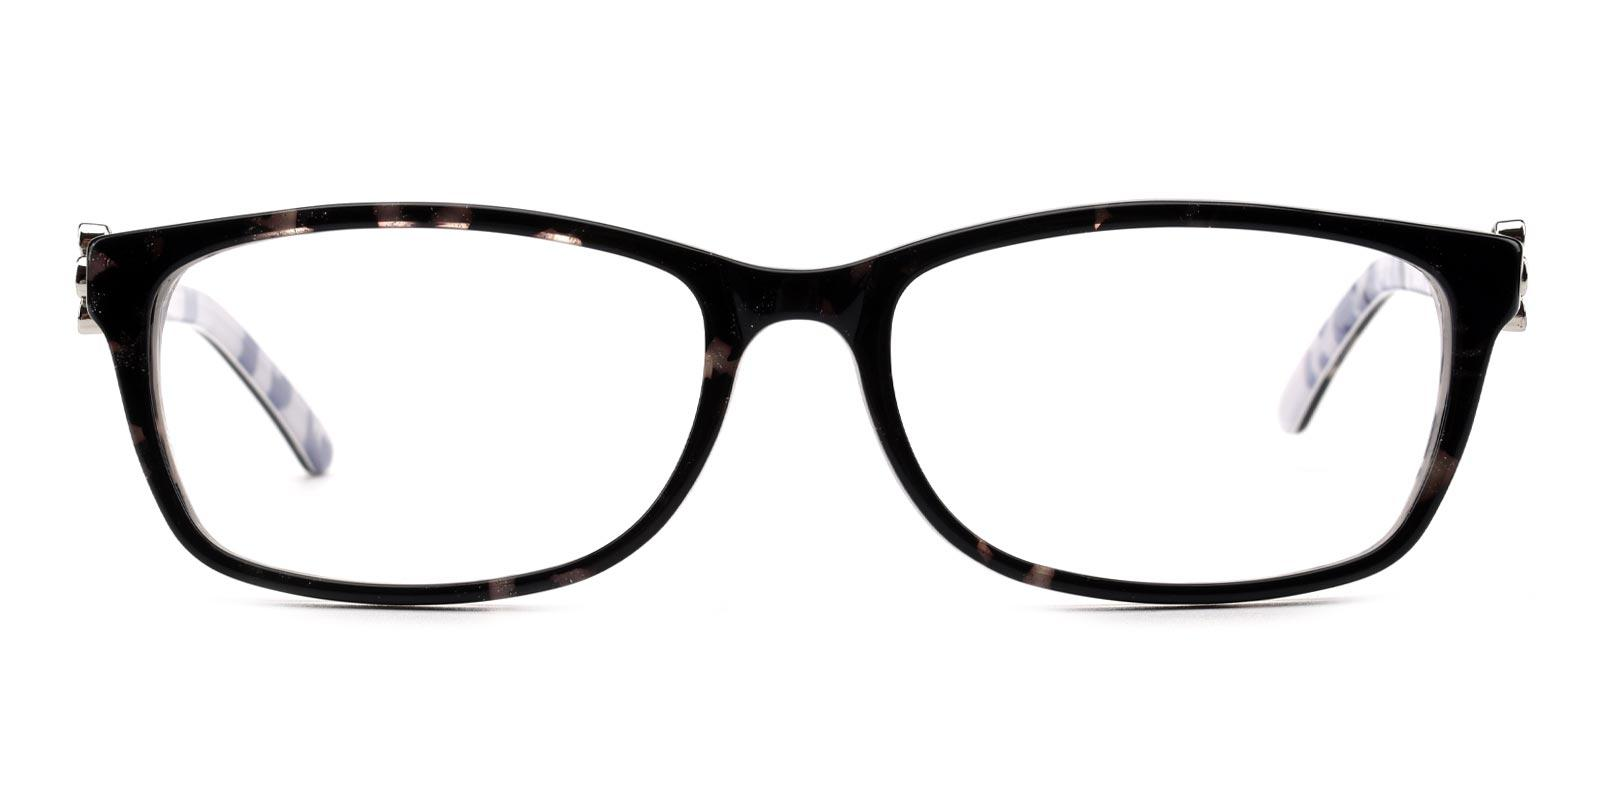 Rosemary-Leopard-Rectangle-TR-Eyeglasses-detail